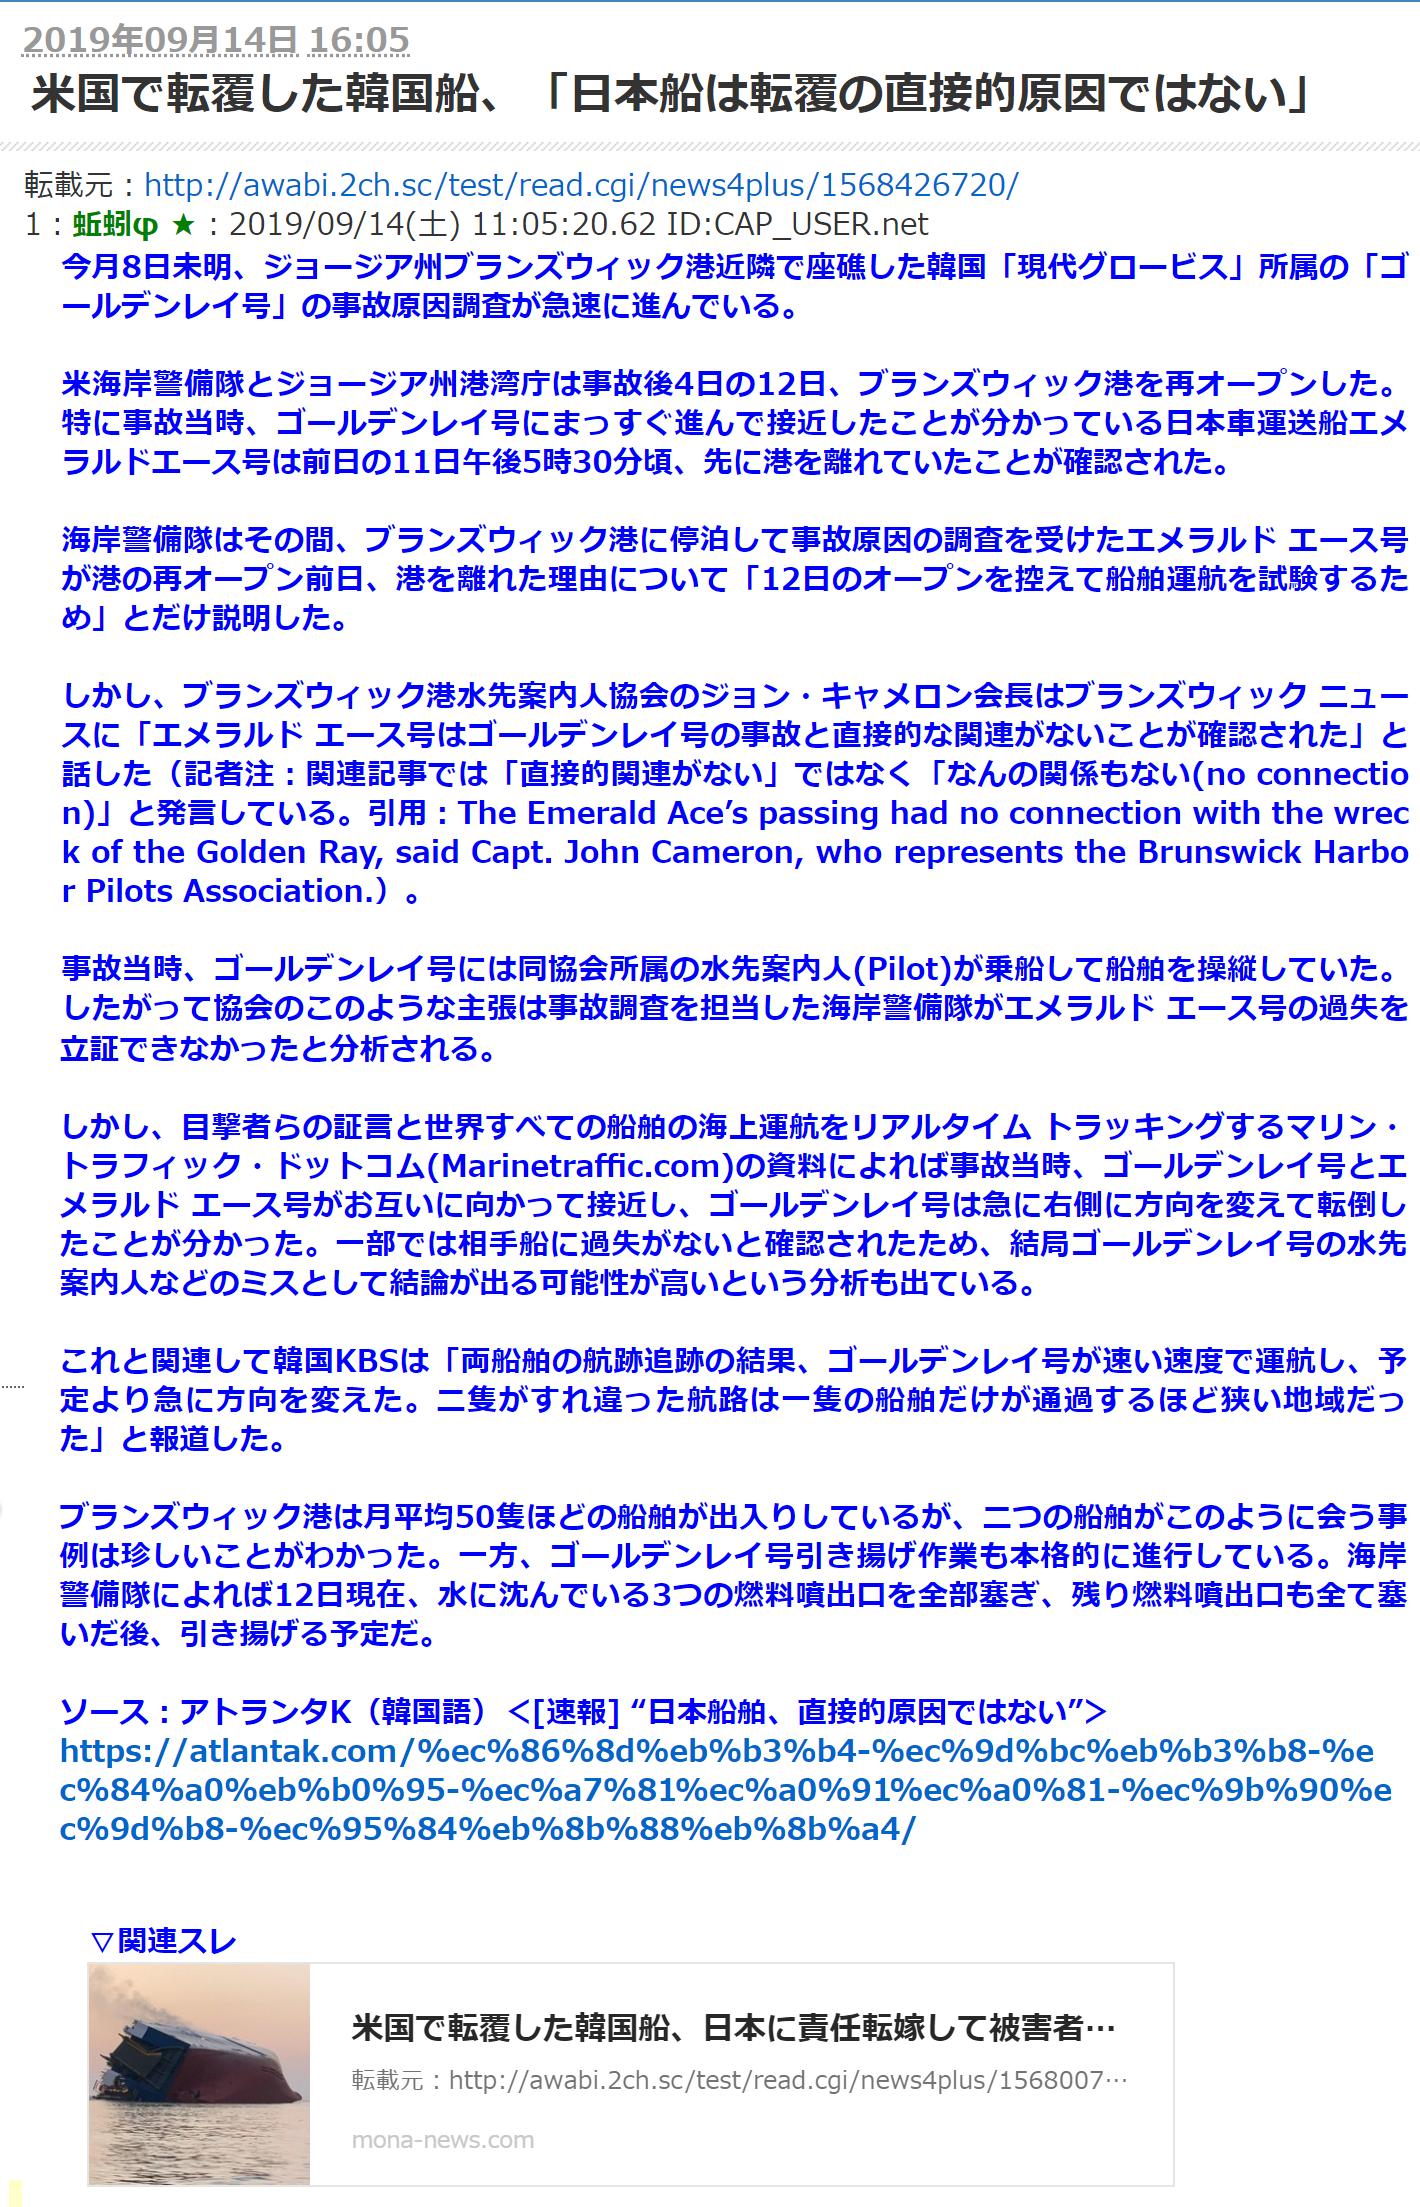 米国で転覆した下朝鮮船、「日本船は転覆の直接原因ではない」1